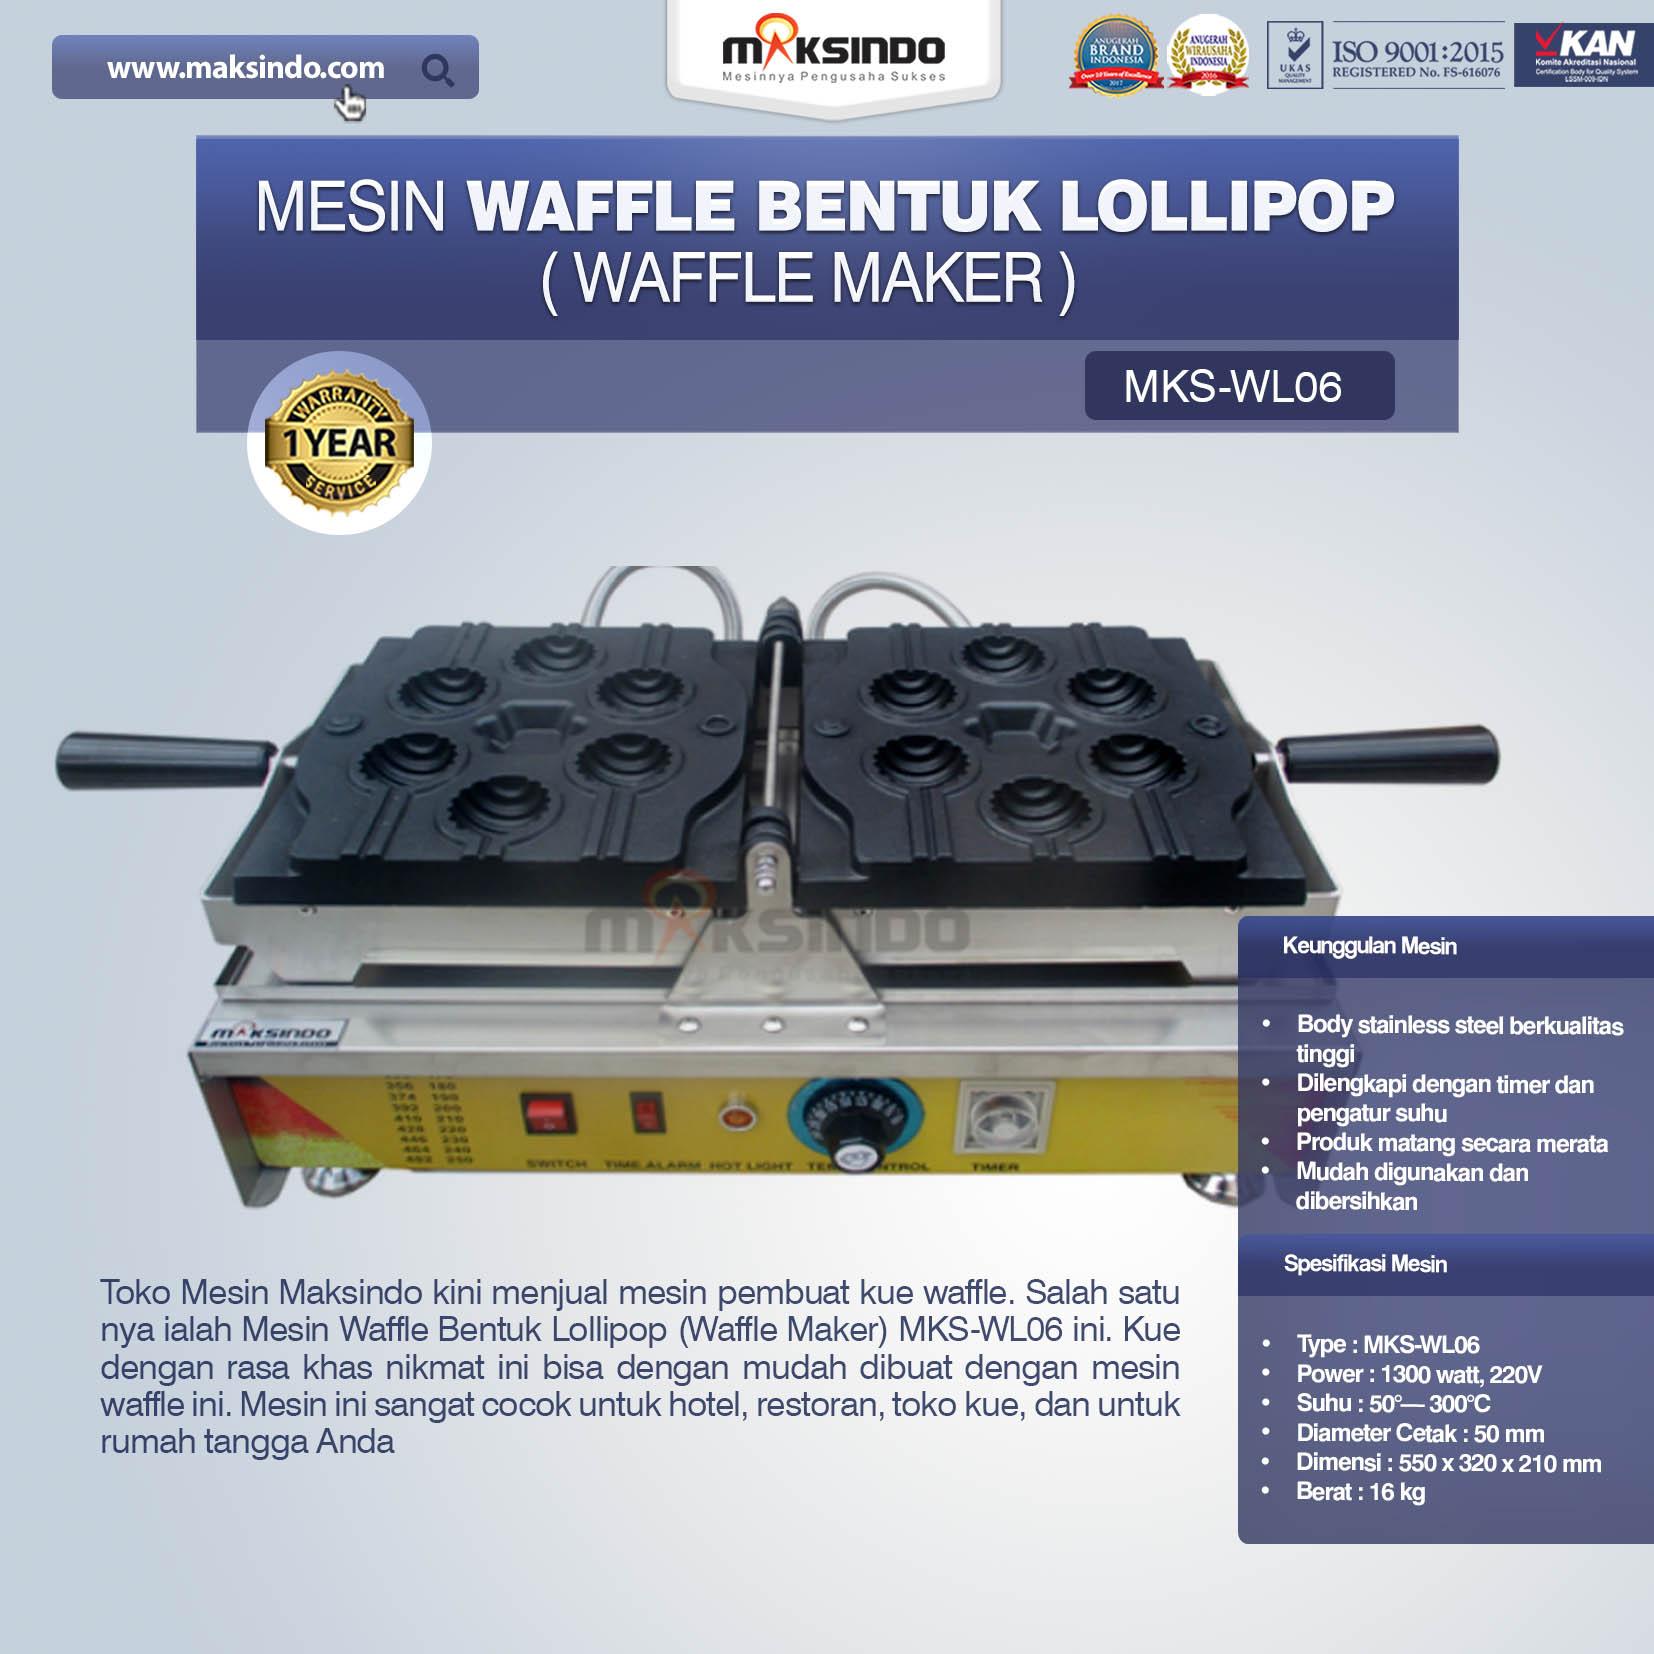 Jual Mesin Waffle Bentuk Lollipop (Waffle Maker) MKS-WL06 di Makassar